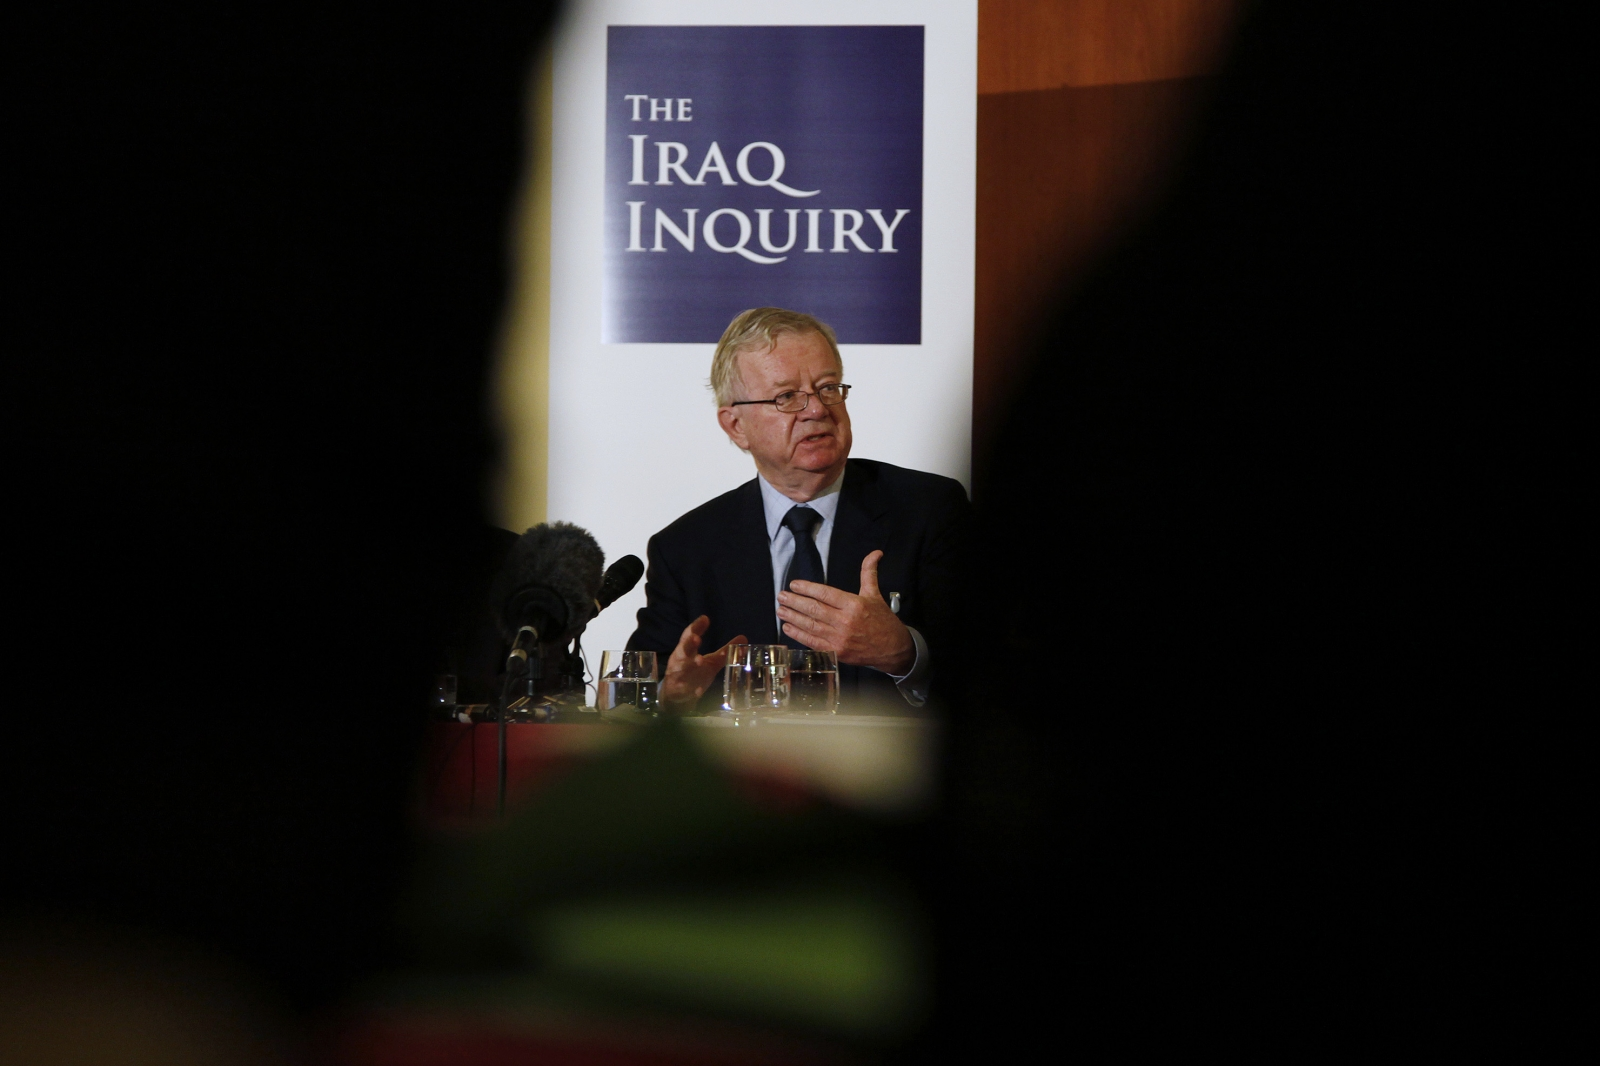 Chilcot Inquiry